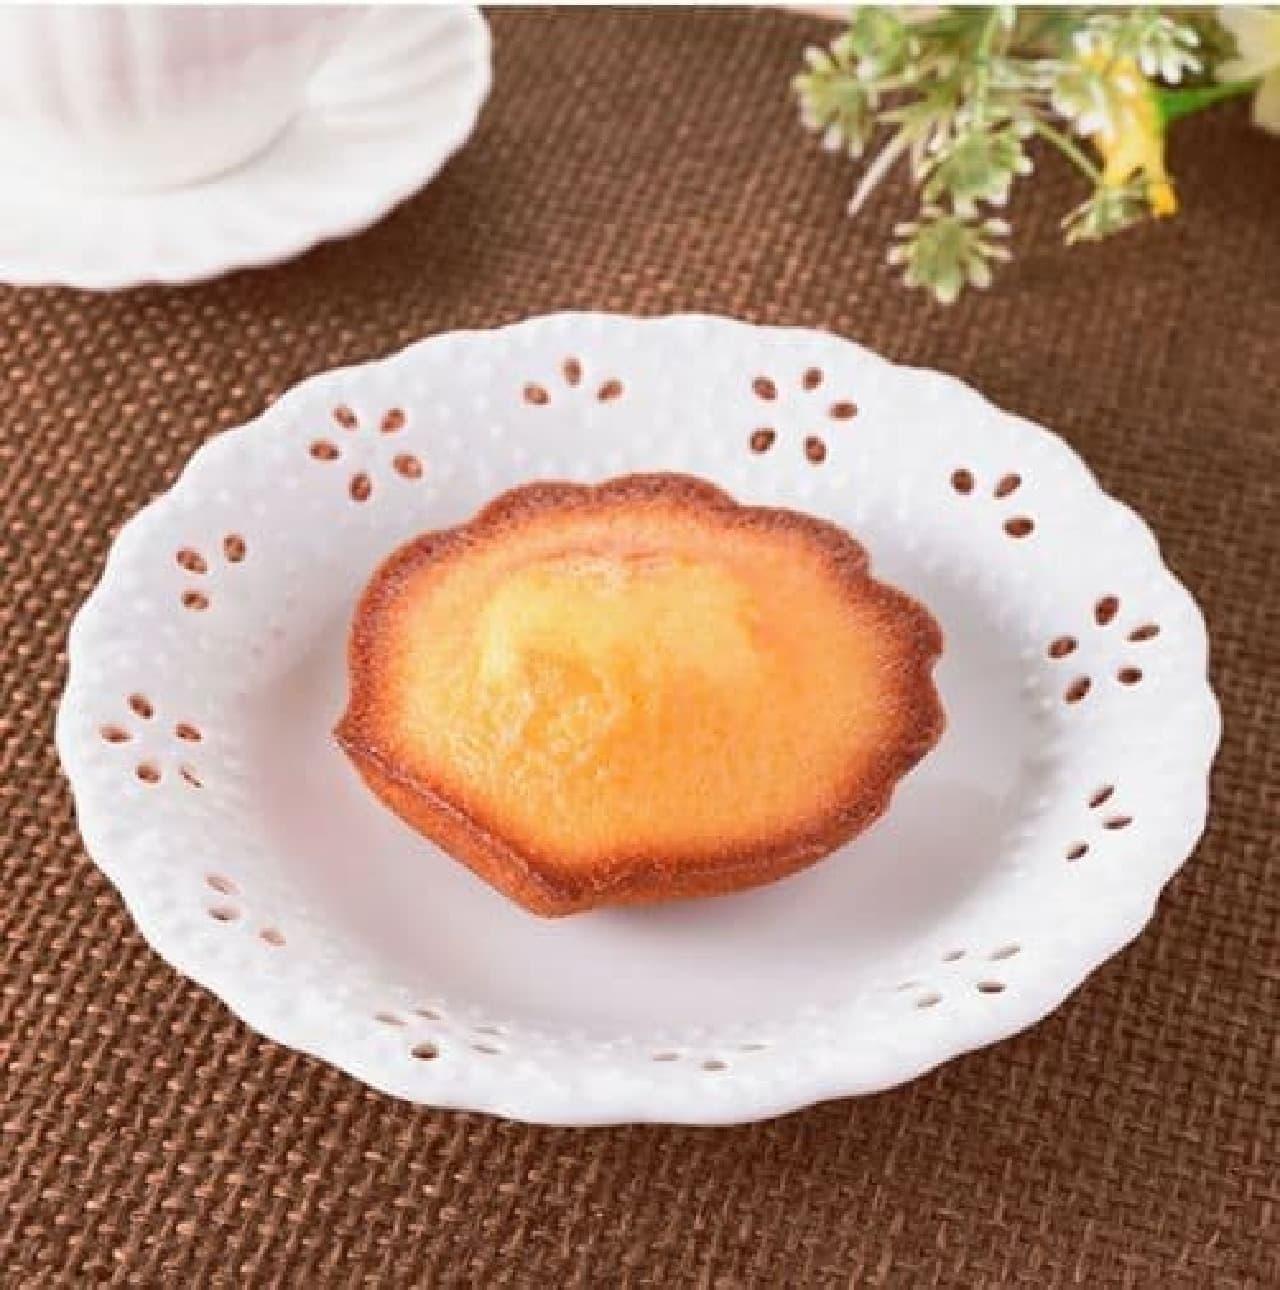 ファミリーマート「こだわりのマドレーヌ フランス産発酵バター使用」